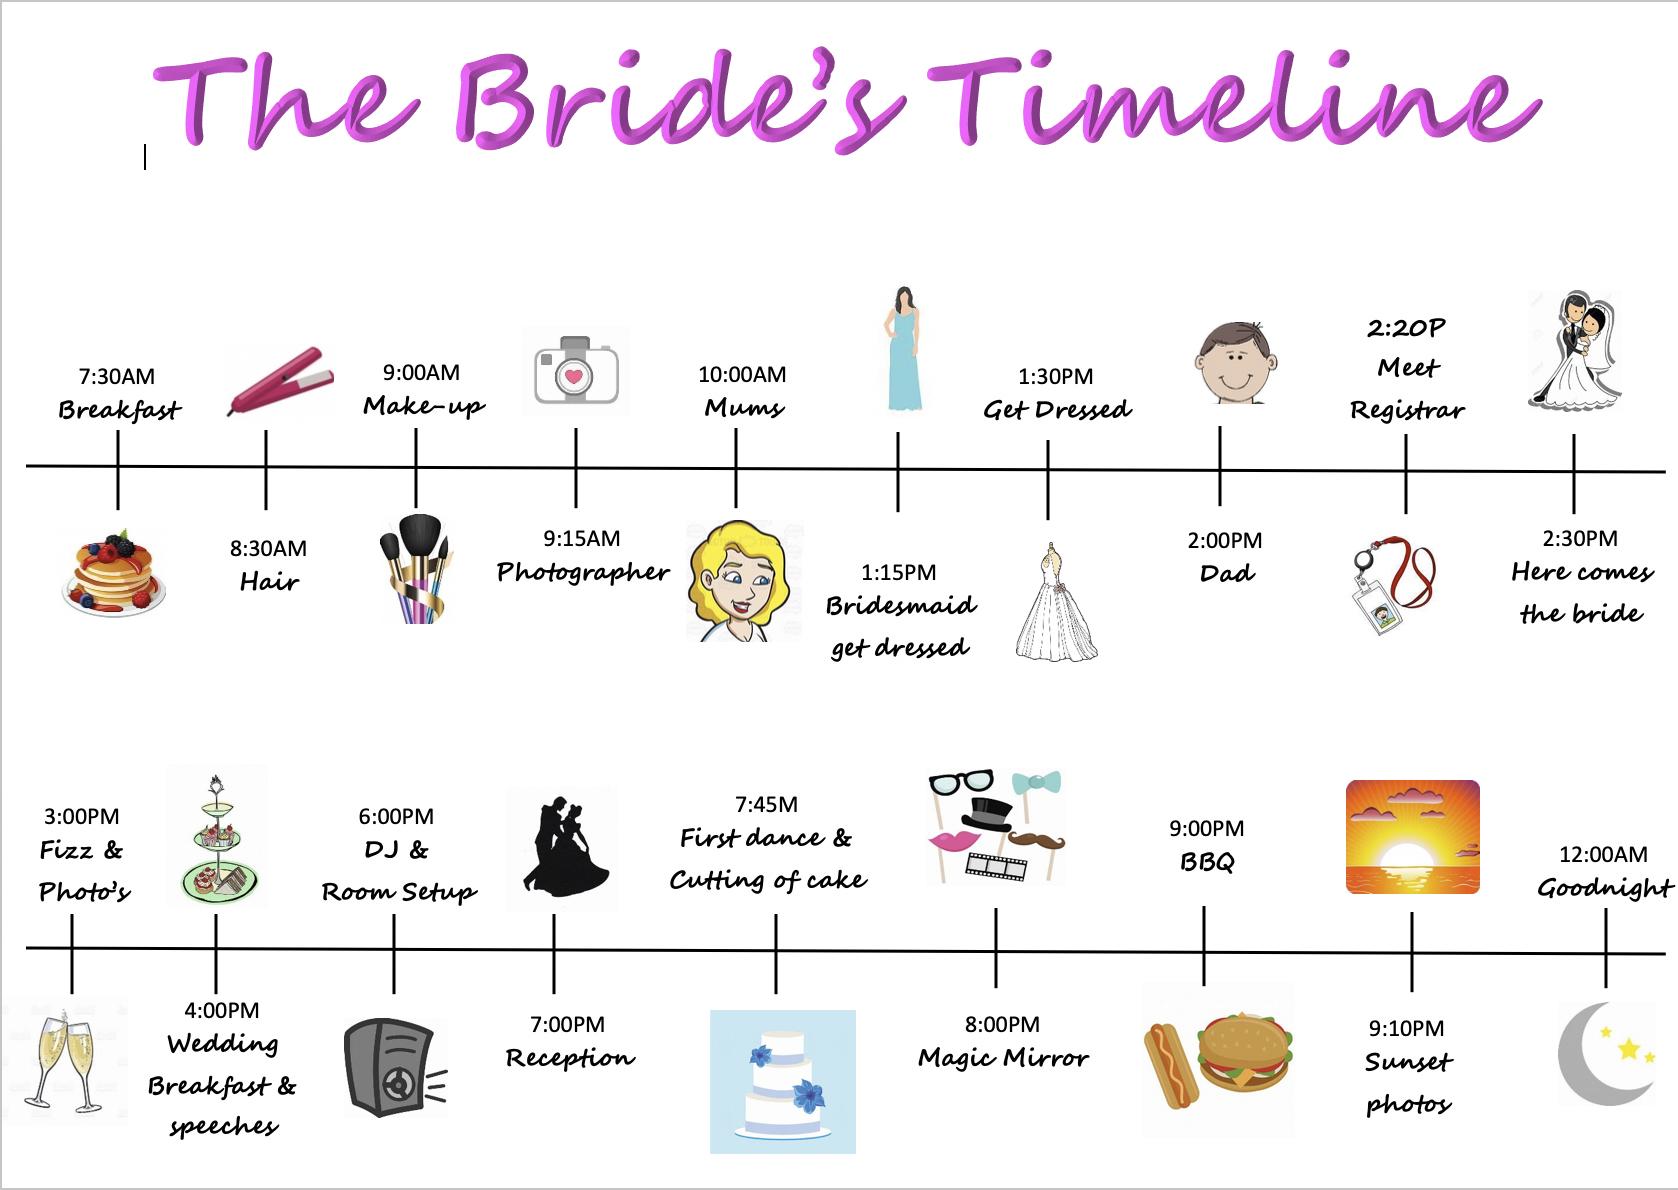 YFFUK Phil Endicott Useful things Beths bridal timeline